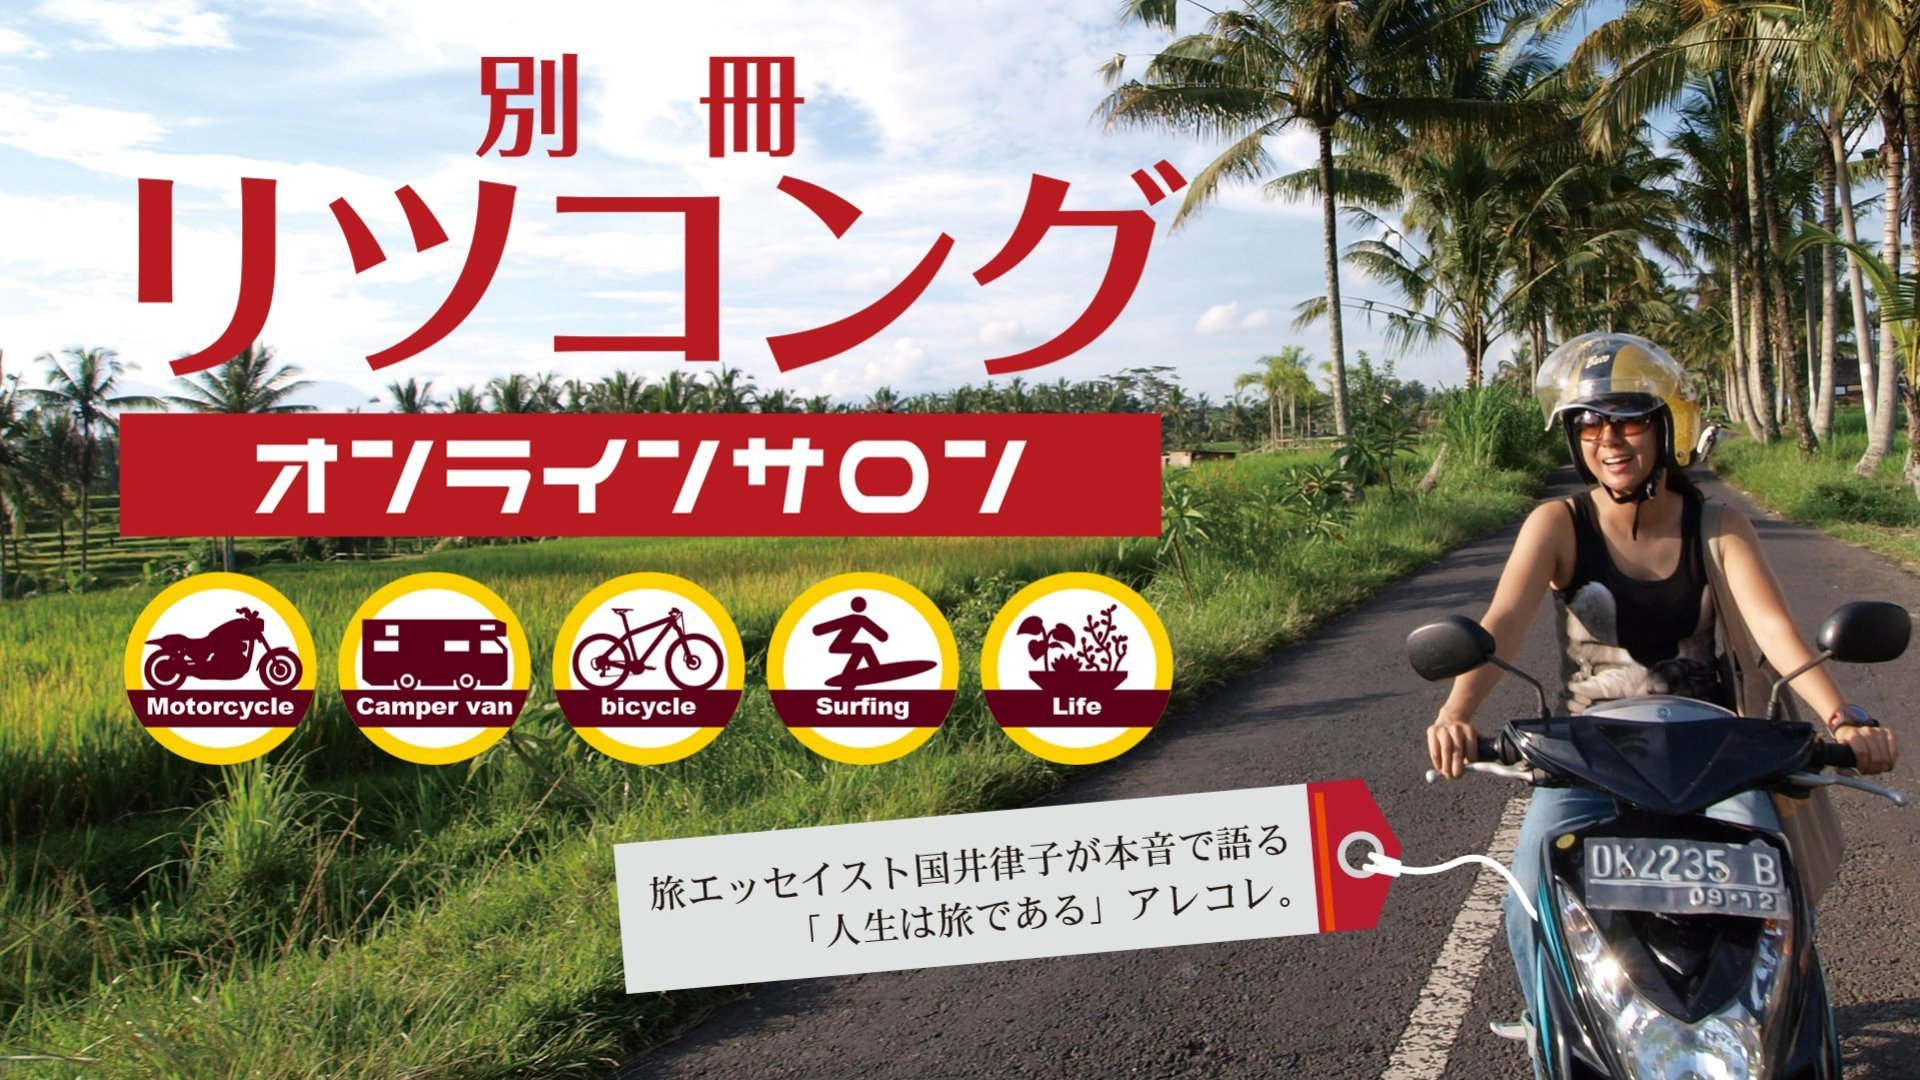 旅エッセイスト国井律子の別冊リツコング オンラインサロン